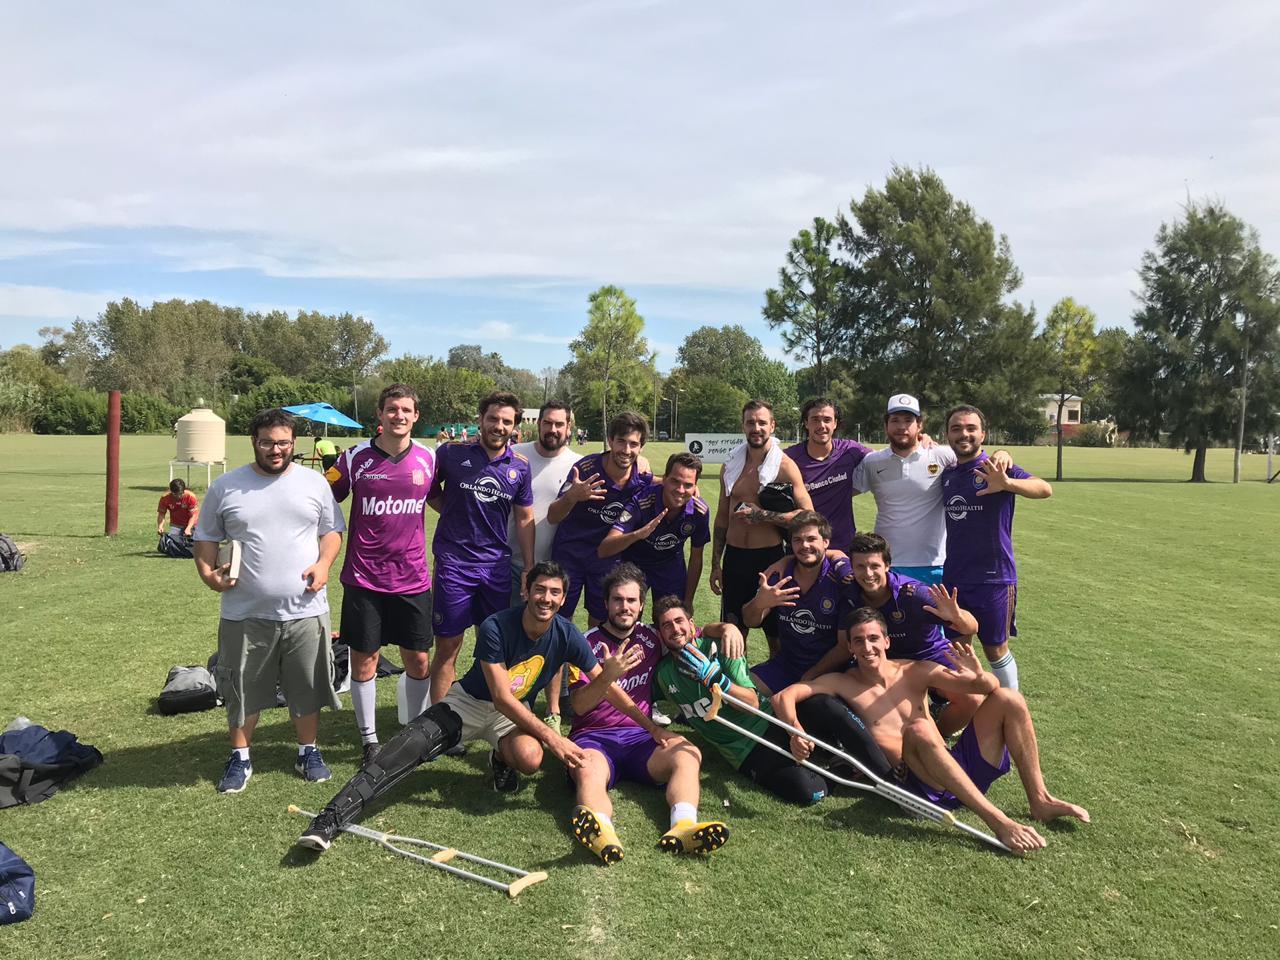 Gabriel y Bruno son jugadores del equipo 'El Capo del Obelo'. Formado desde compañeros de la primaria, actualmente amigos y amantes del fútbol, formaron el elenco en base a un personaje de radio y se autodenominan como un equipo coleccionista de Segundos y terceros puestos.